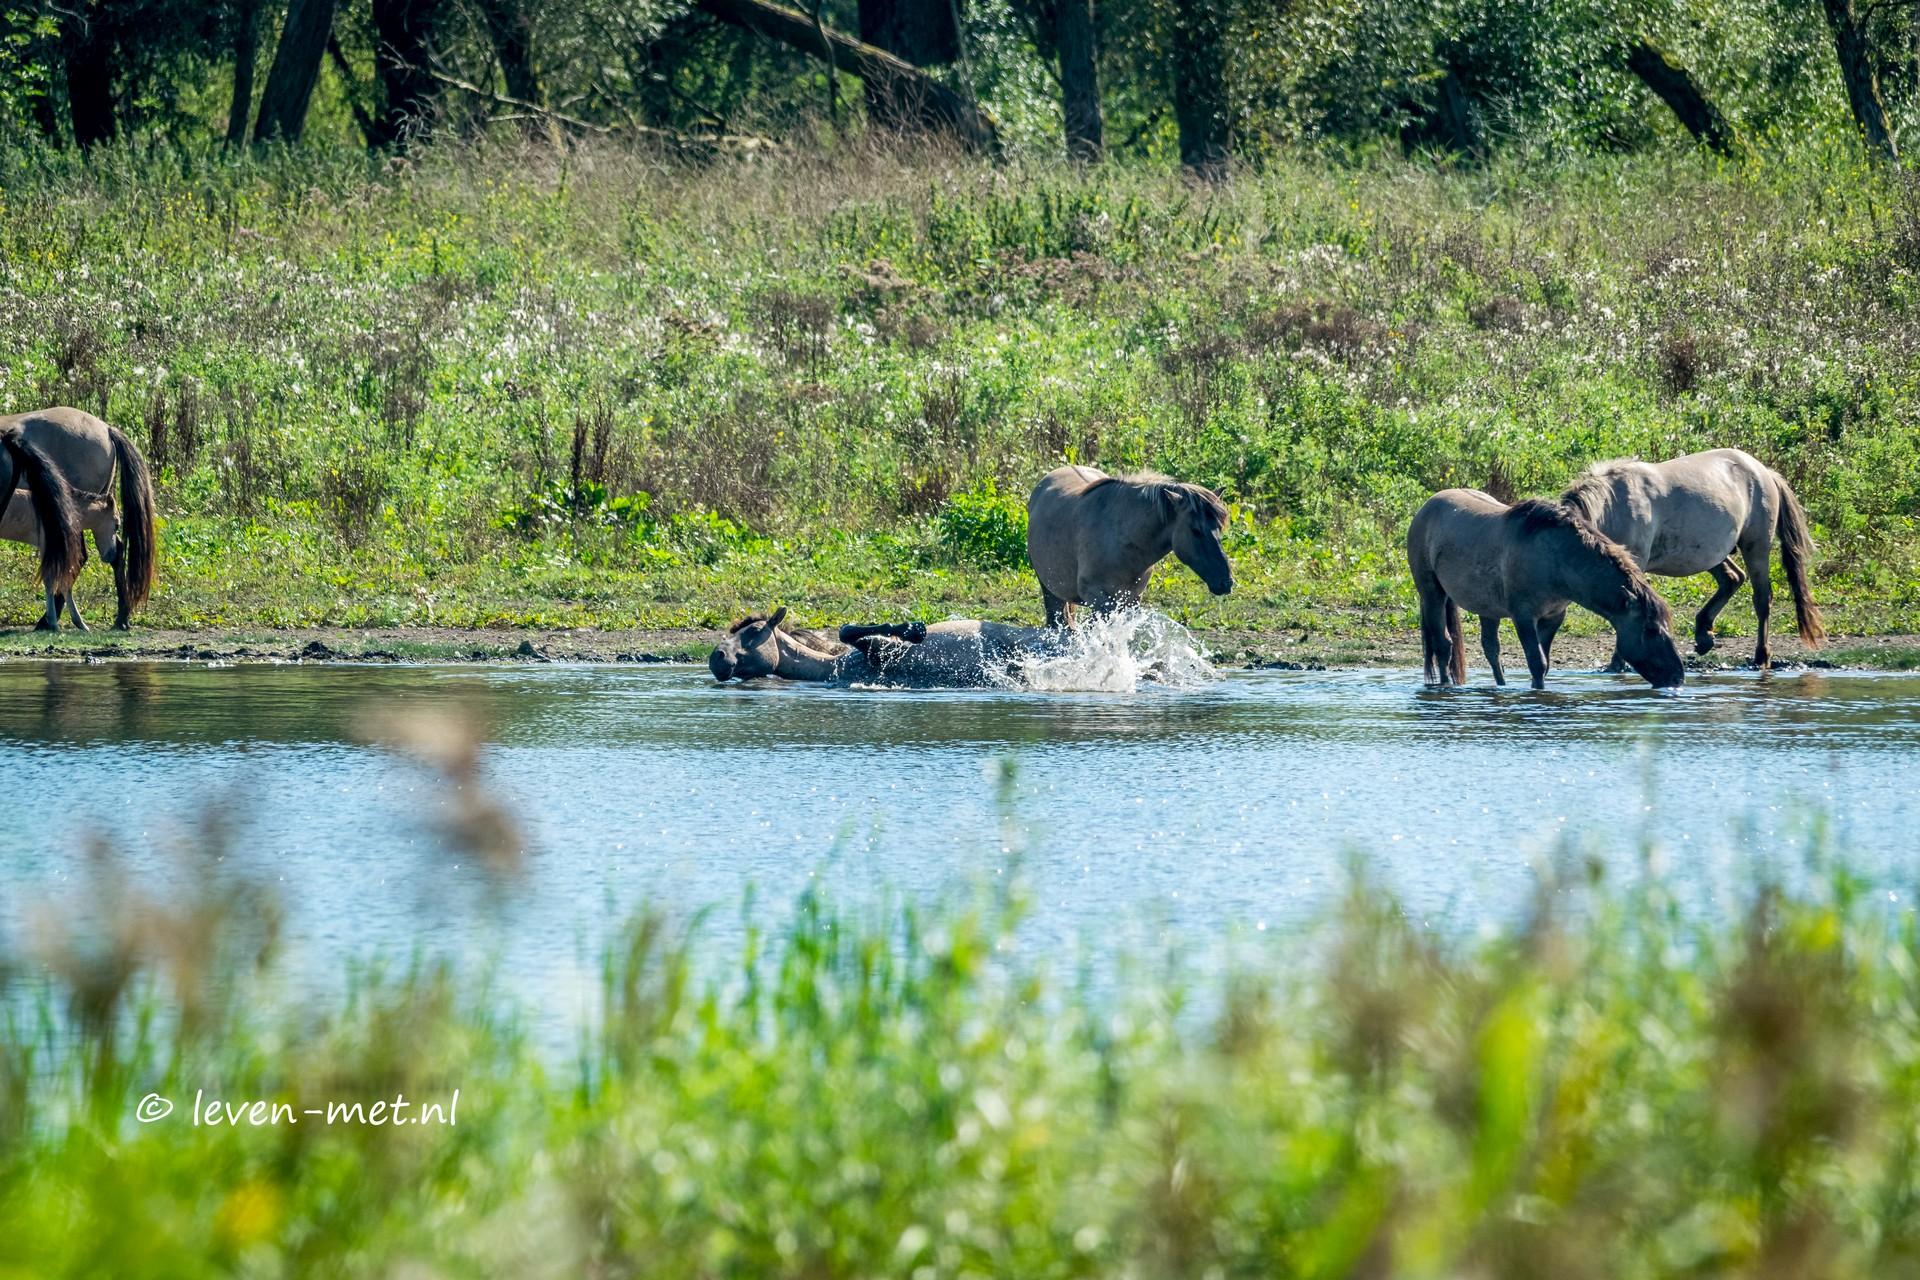 Konikpaarden in bad